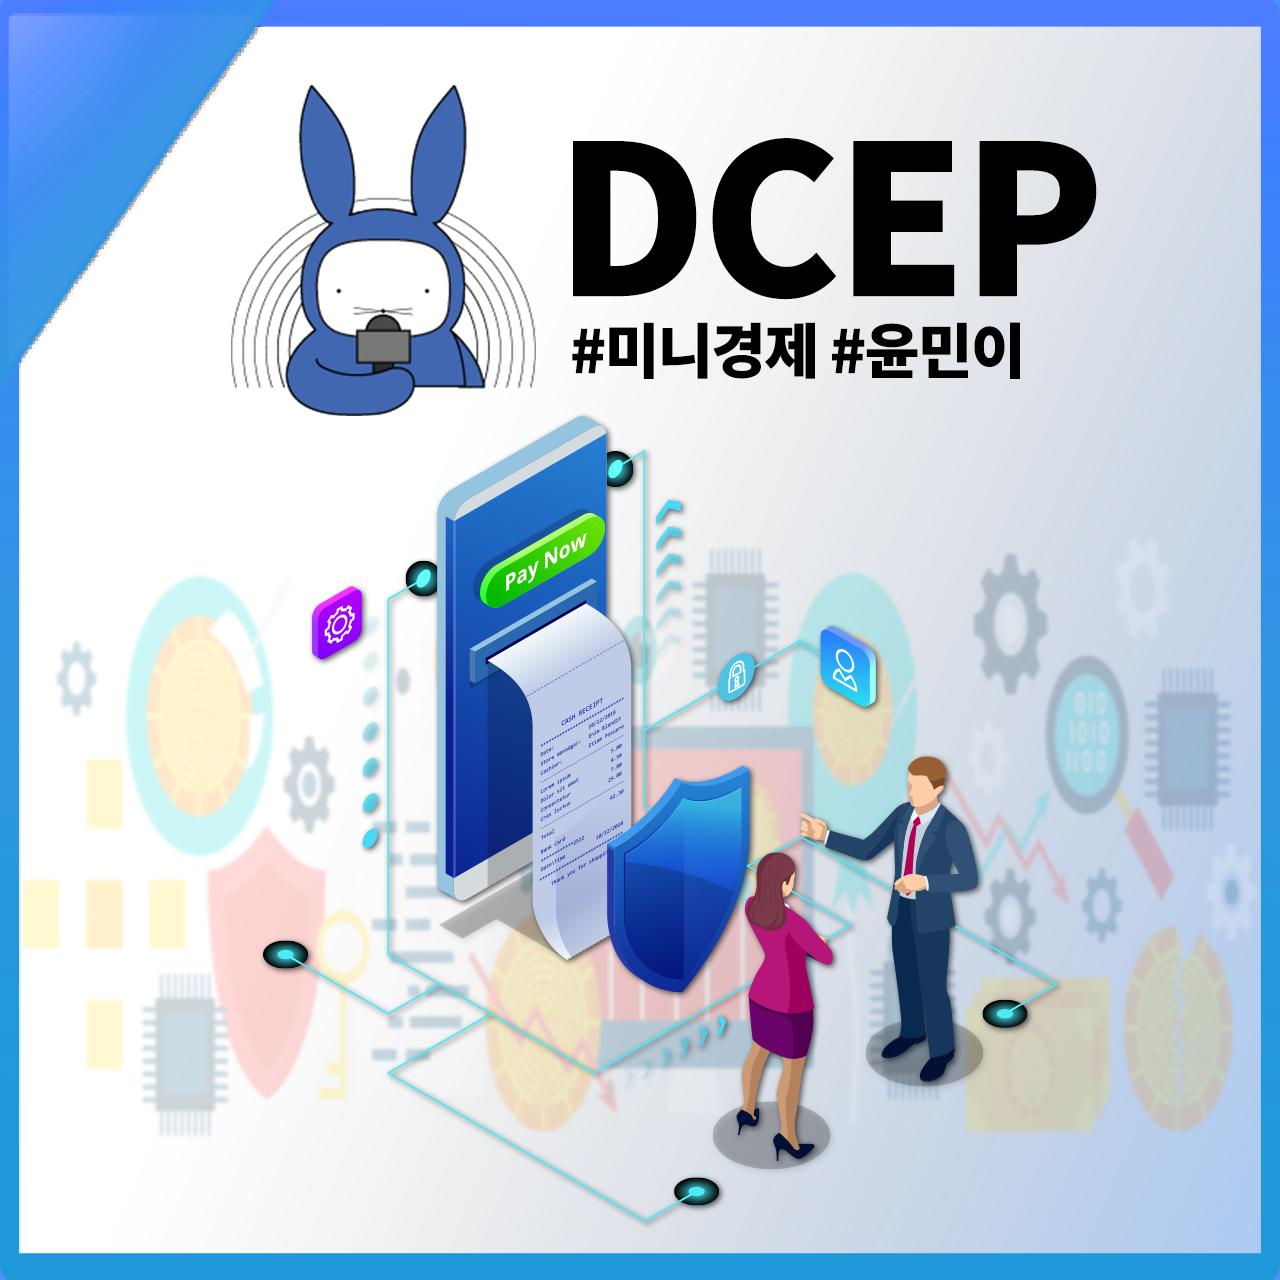 [오디오래빗] 리브라 위협할 #DCEP중국 디지털화폐